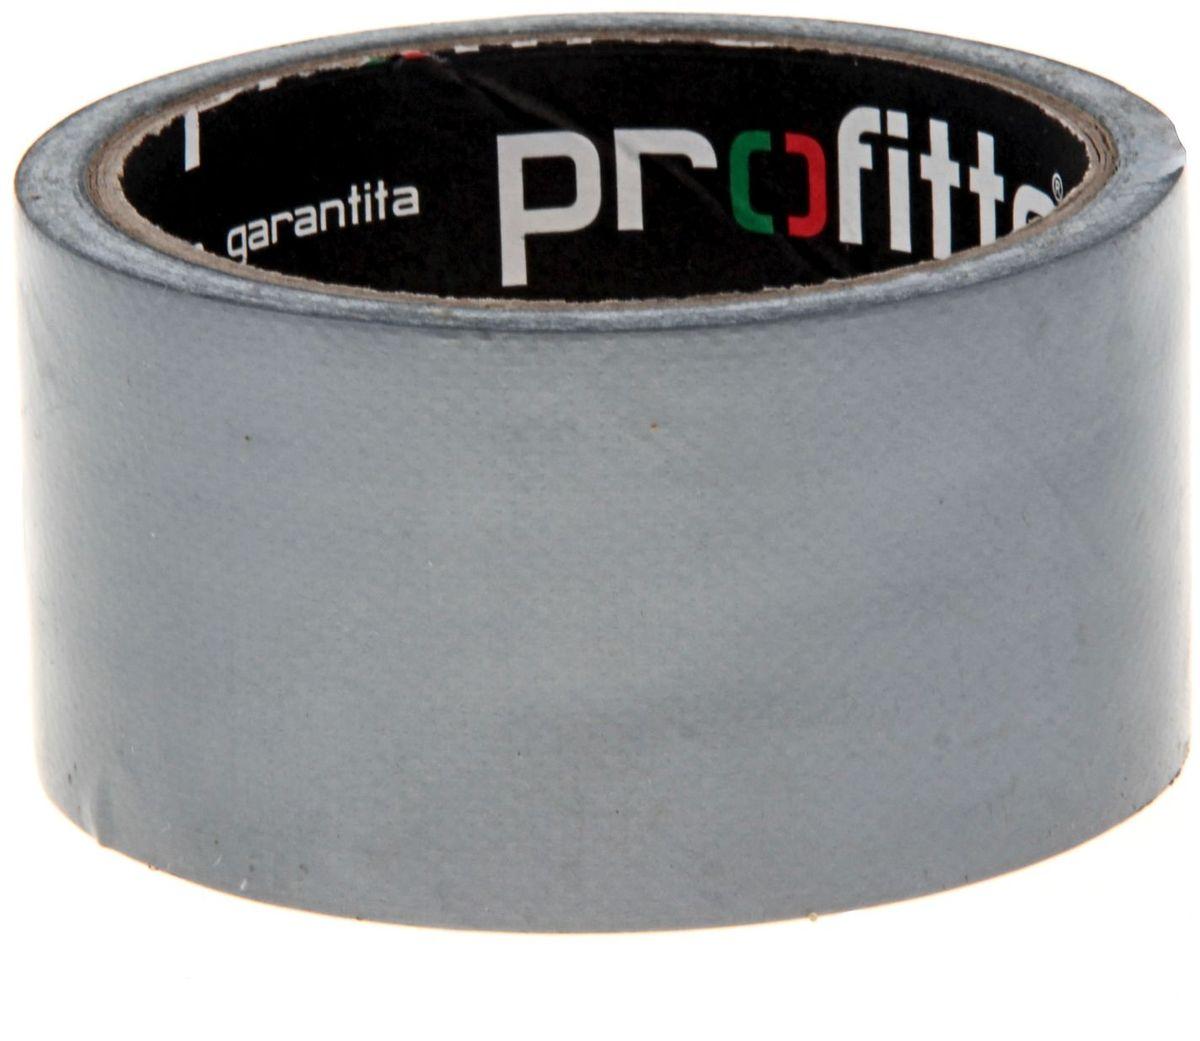 Profitto Клейкая лента армированная 48 мм х 10 м цвет серебристый 194744